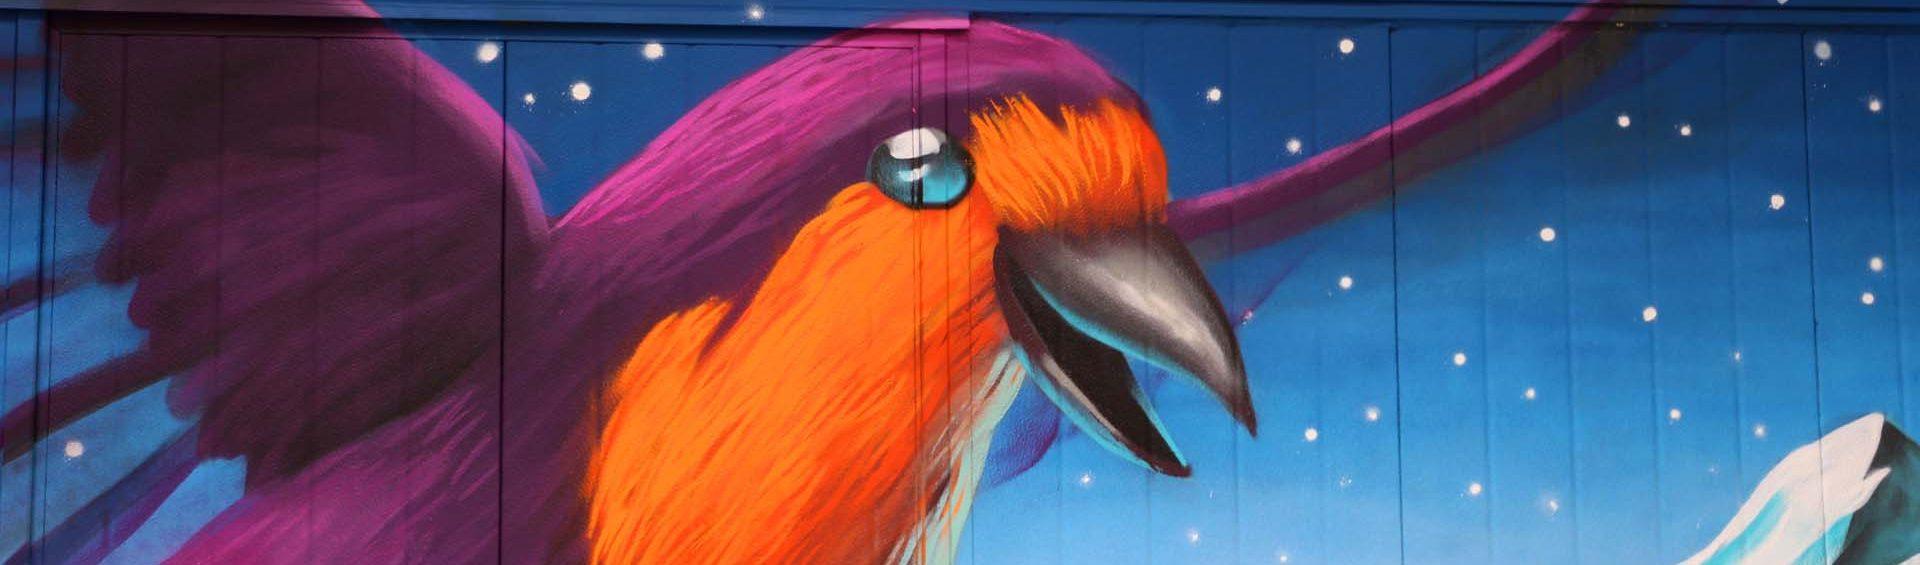 pintura-artistica-mural